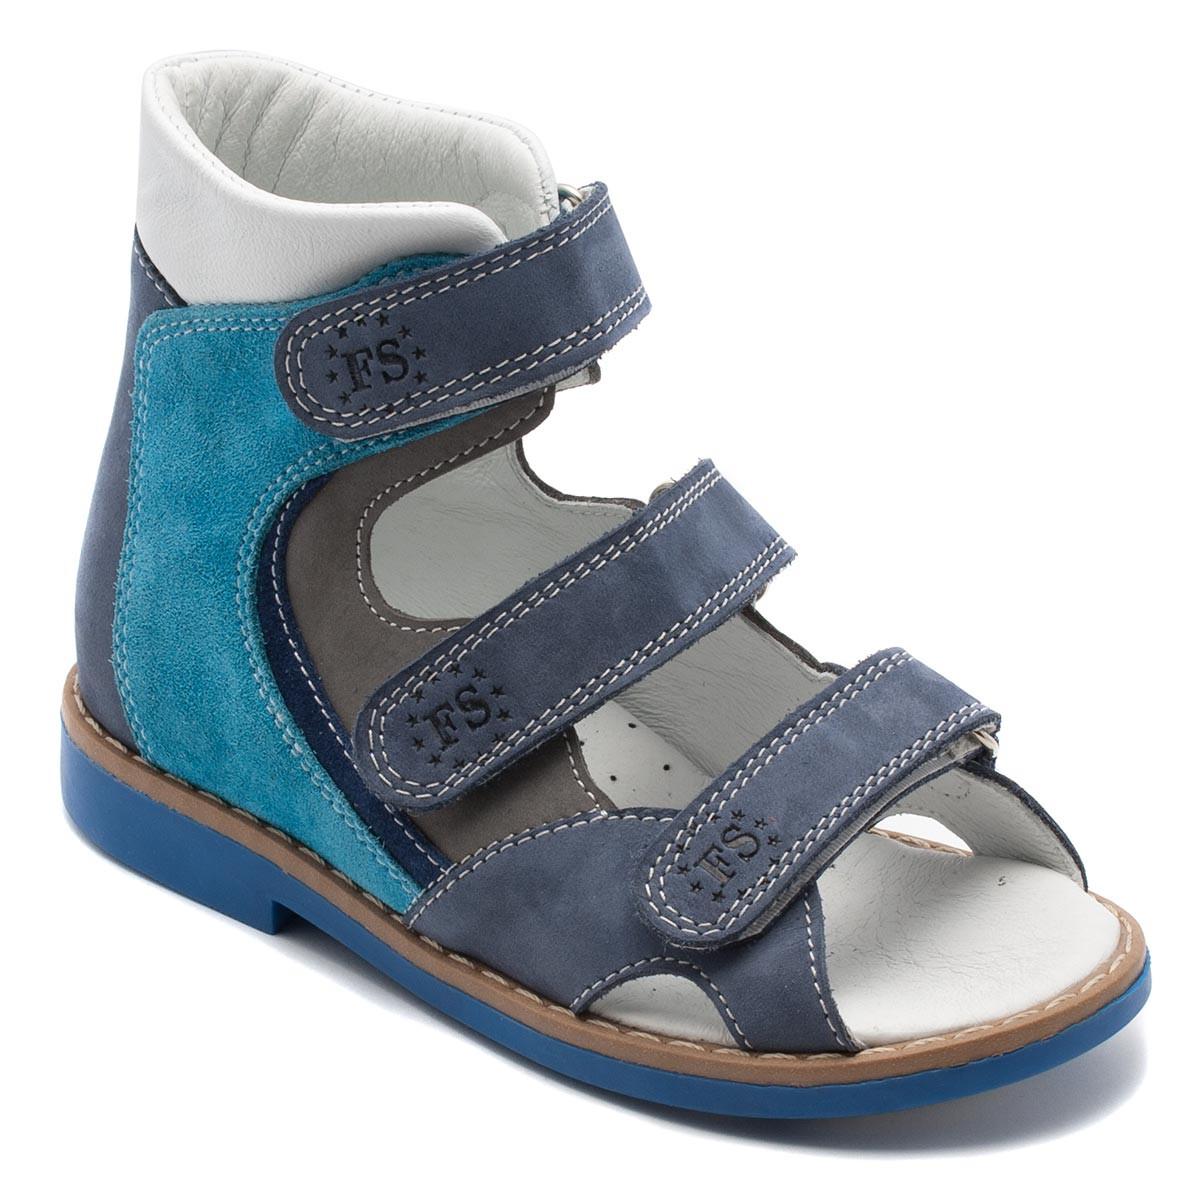 Профилактические босоножки FS Сollection для мальчика, синие, размер 20-30